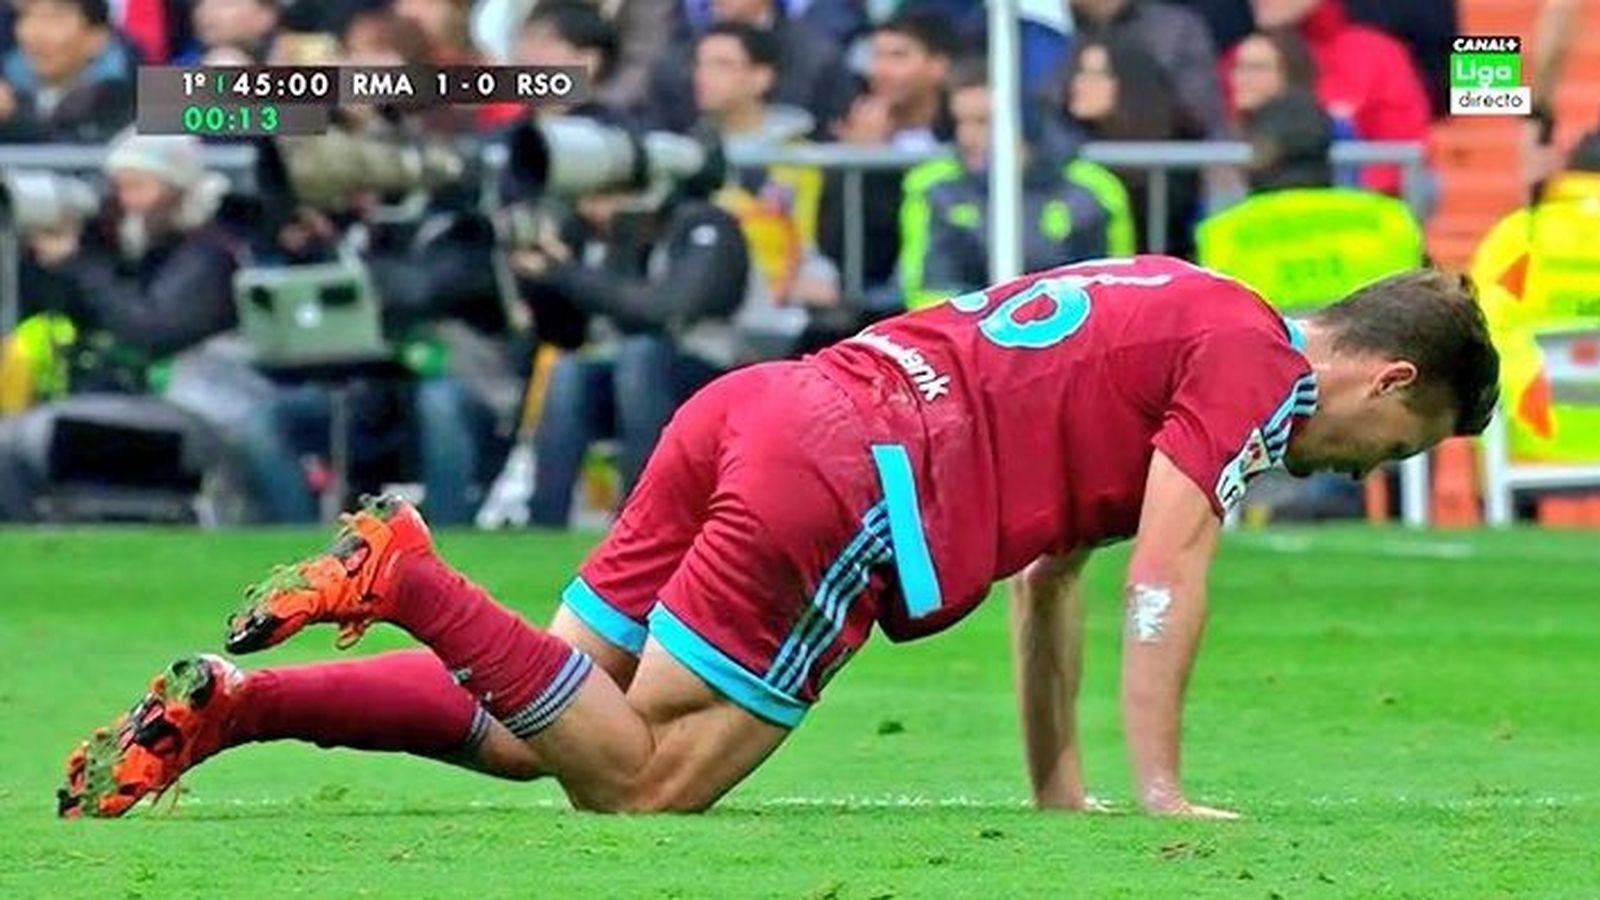 Foto: Pantallazo de televisión del momento en el que Canales cayó lesionado.